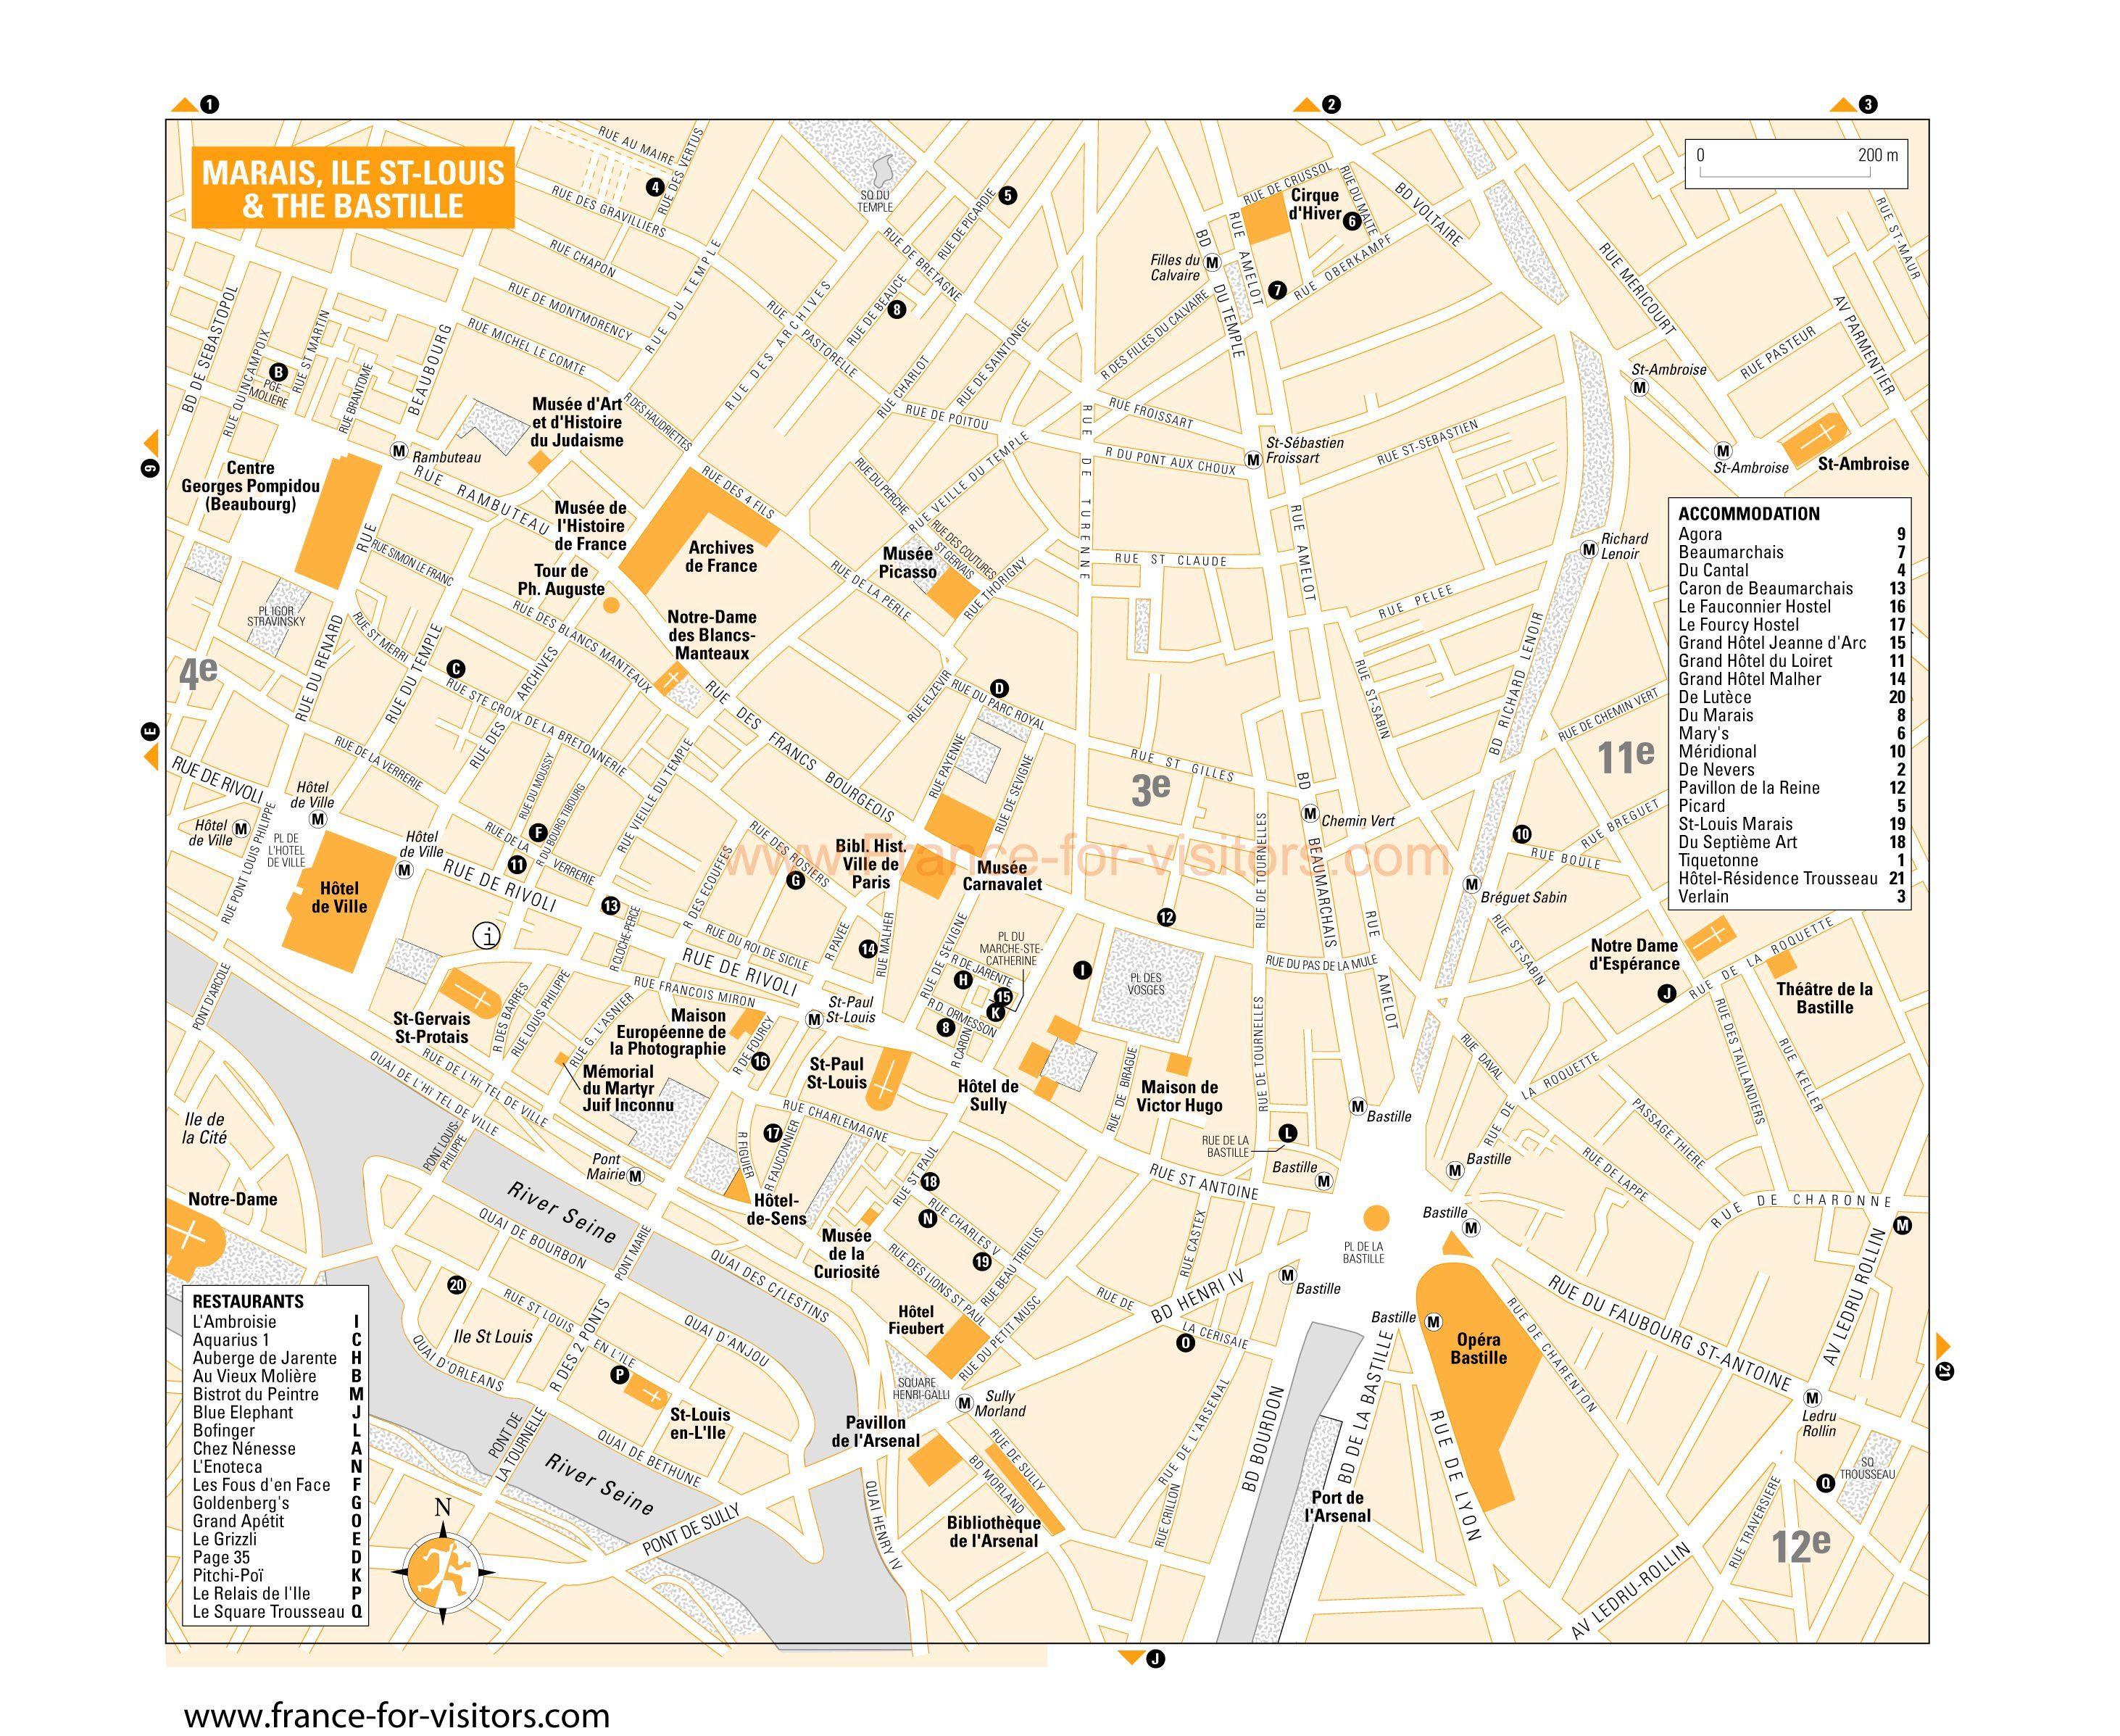 Marais Paris France Map World Map Pinterest Paris France And - Map of paris bastille